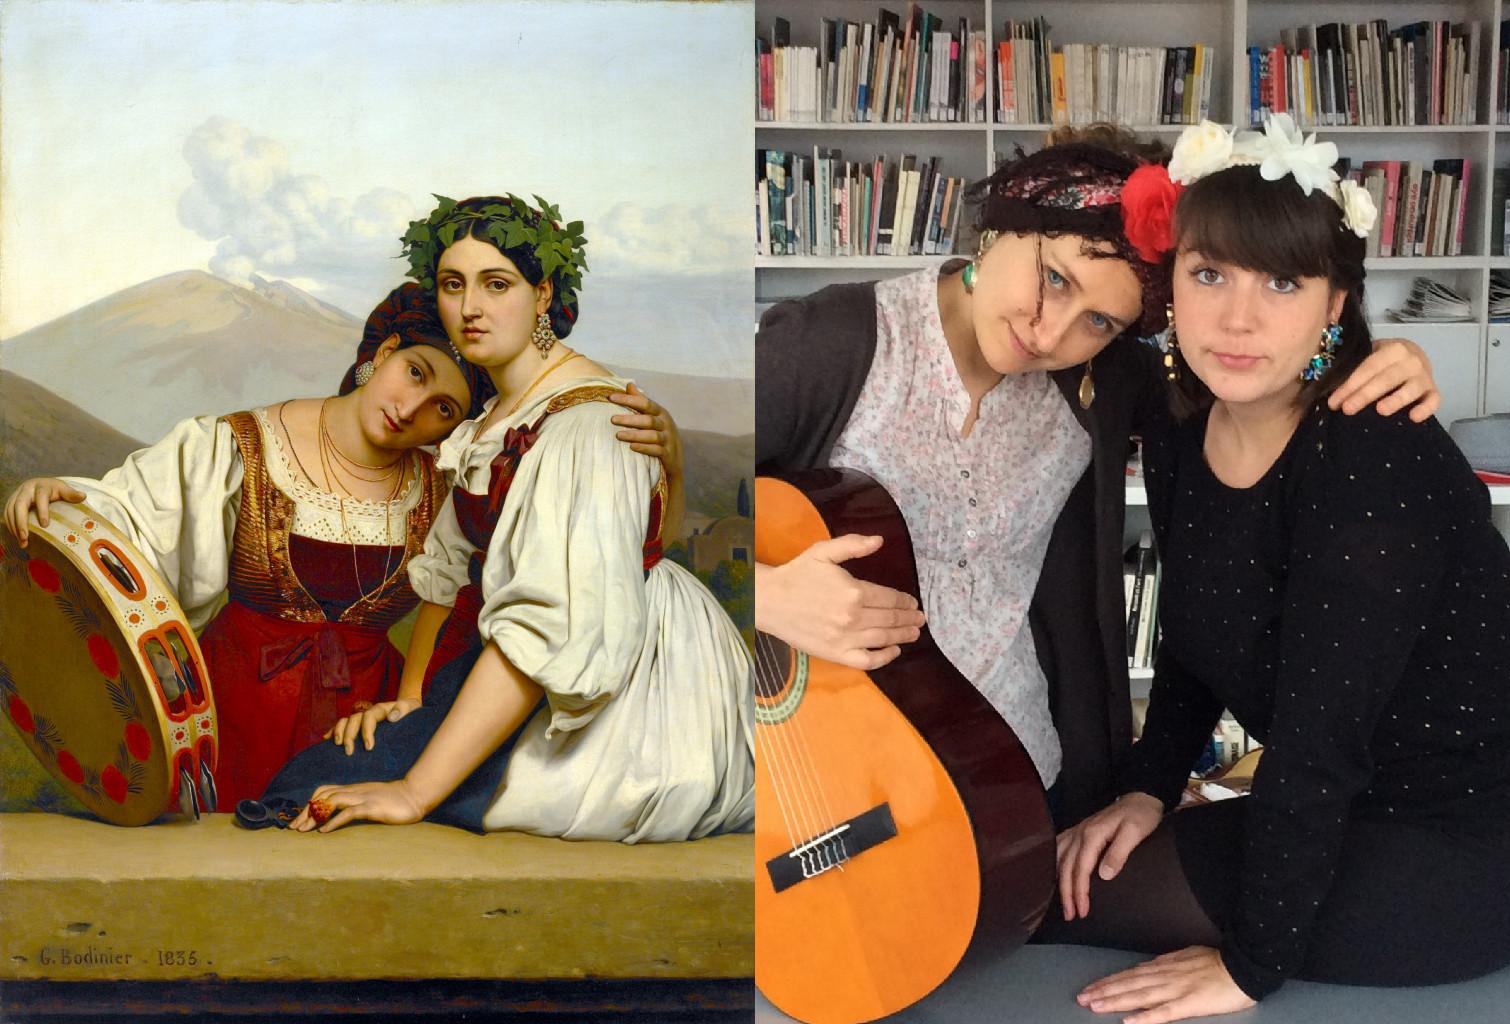 Two Women from Naples, Guillaume Bodinier (1795-1872) vanGo'd by technocité